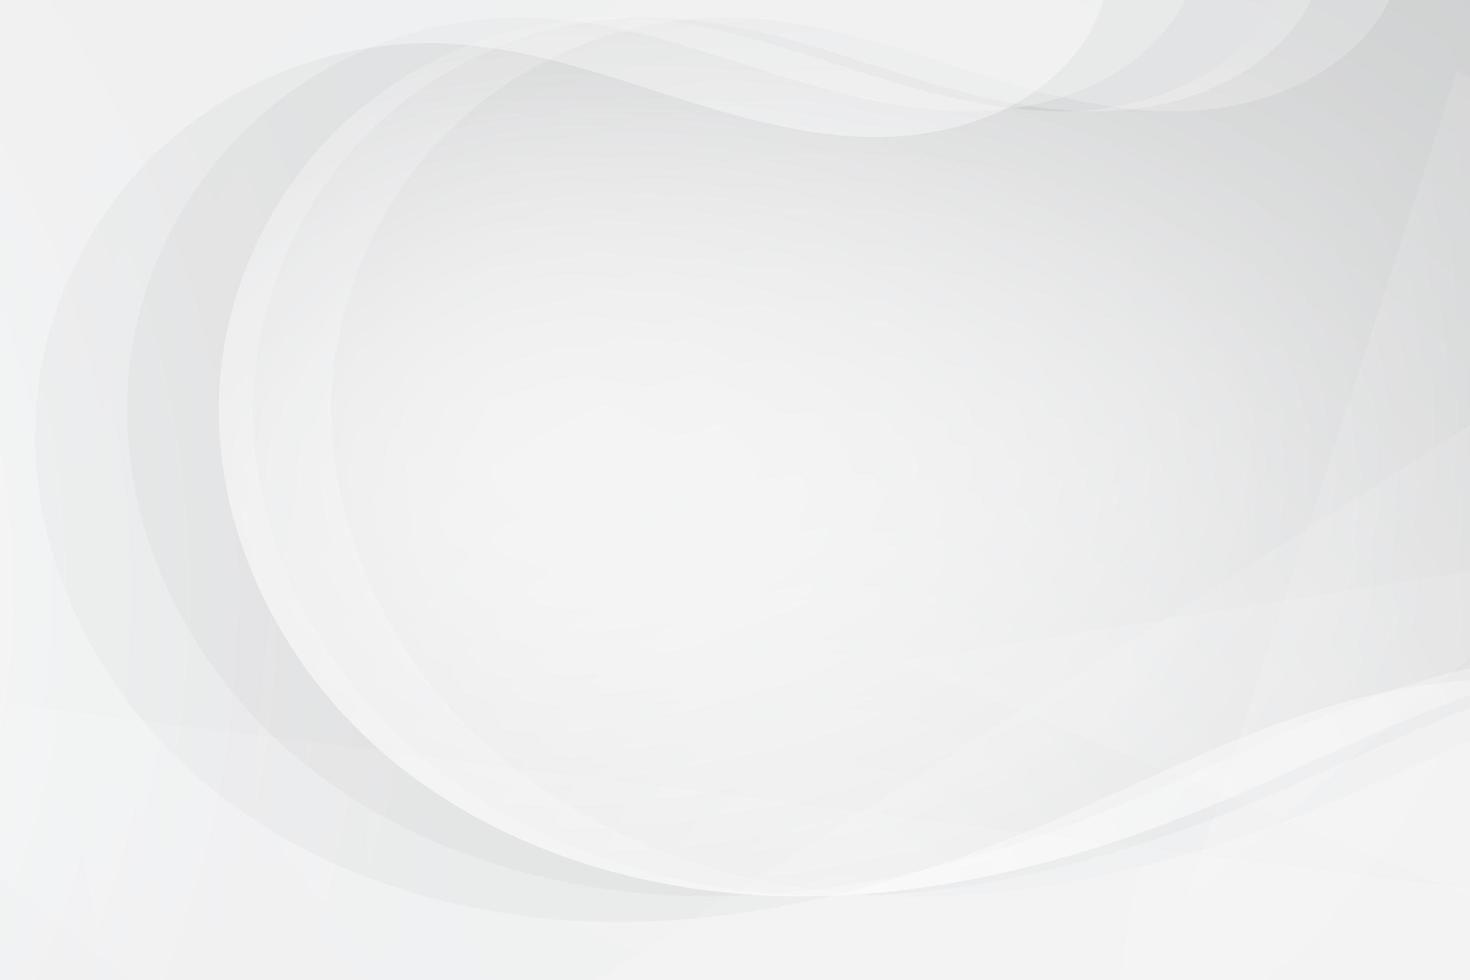 fond abstrait de courbes blanches et grises vecteur